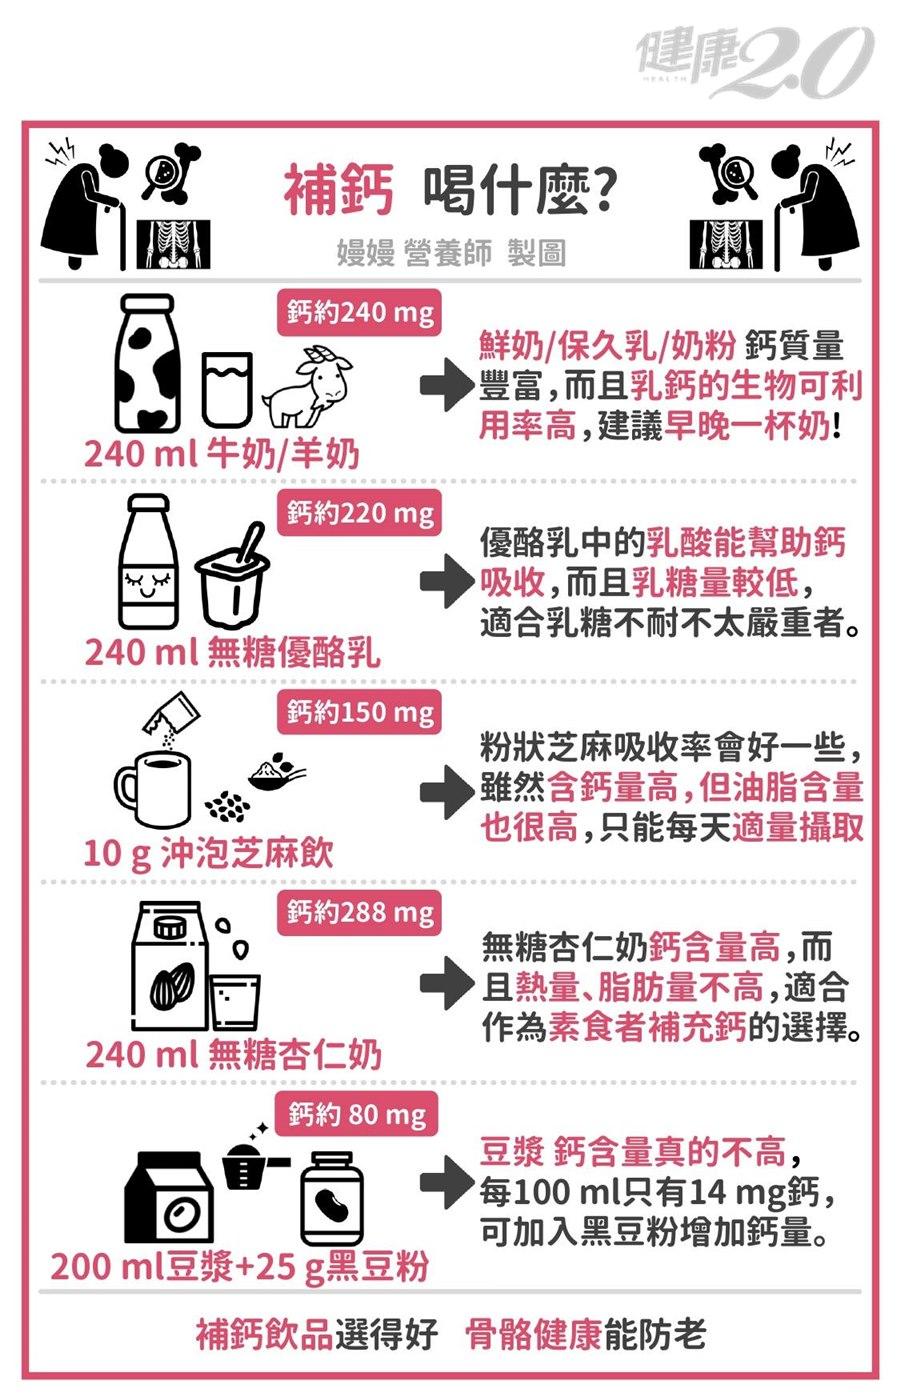 豆漿不能補鈣?補鈣要喝什麼效果好?營養師指定喝這5種補鈣最好